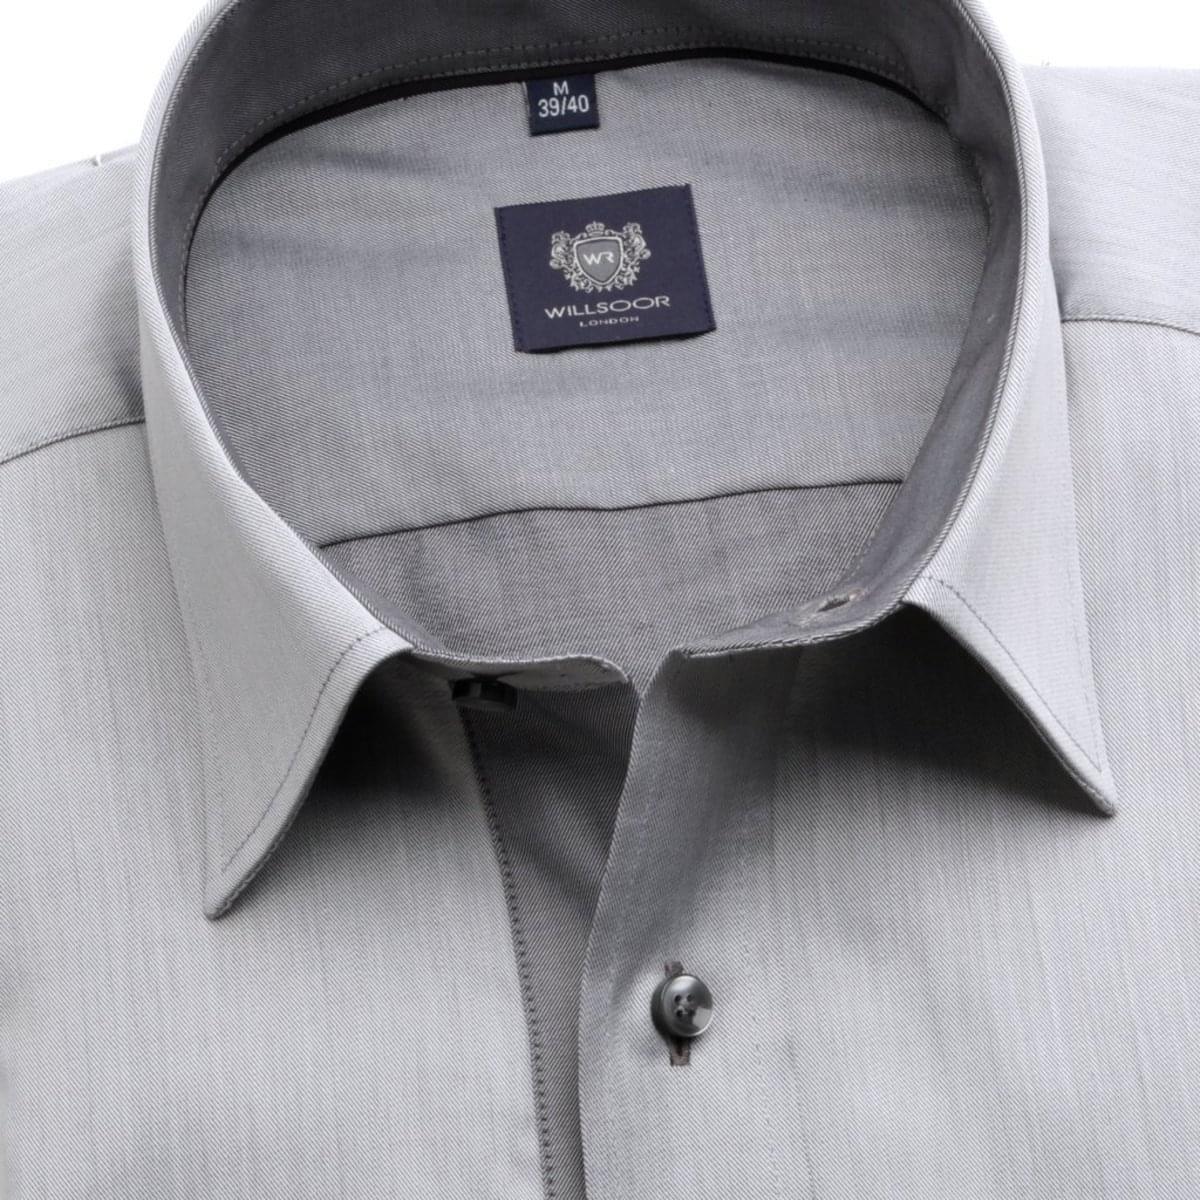 Pánská klasická košile London (výška 188-194) 6302 v šedé barvě s formulí Easy Care 188-194 / XL (43/44)